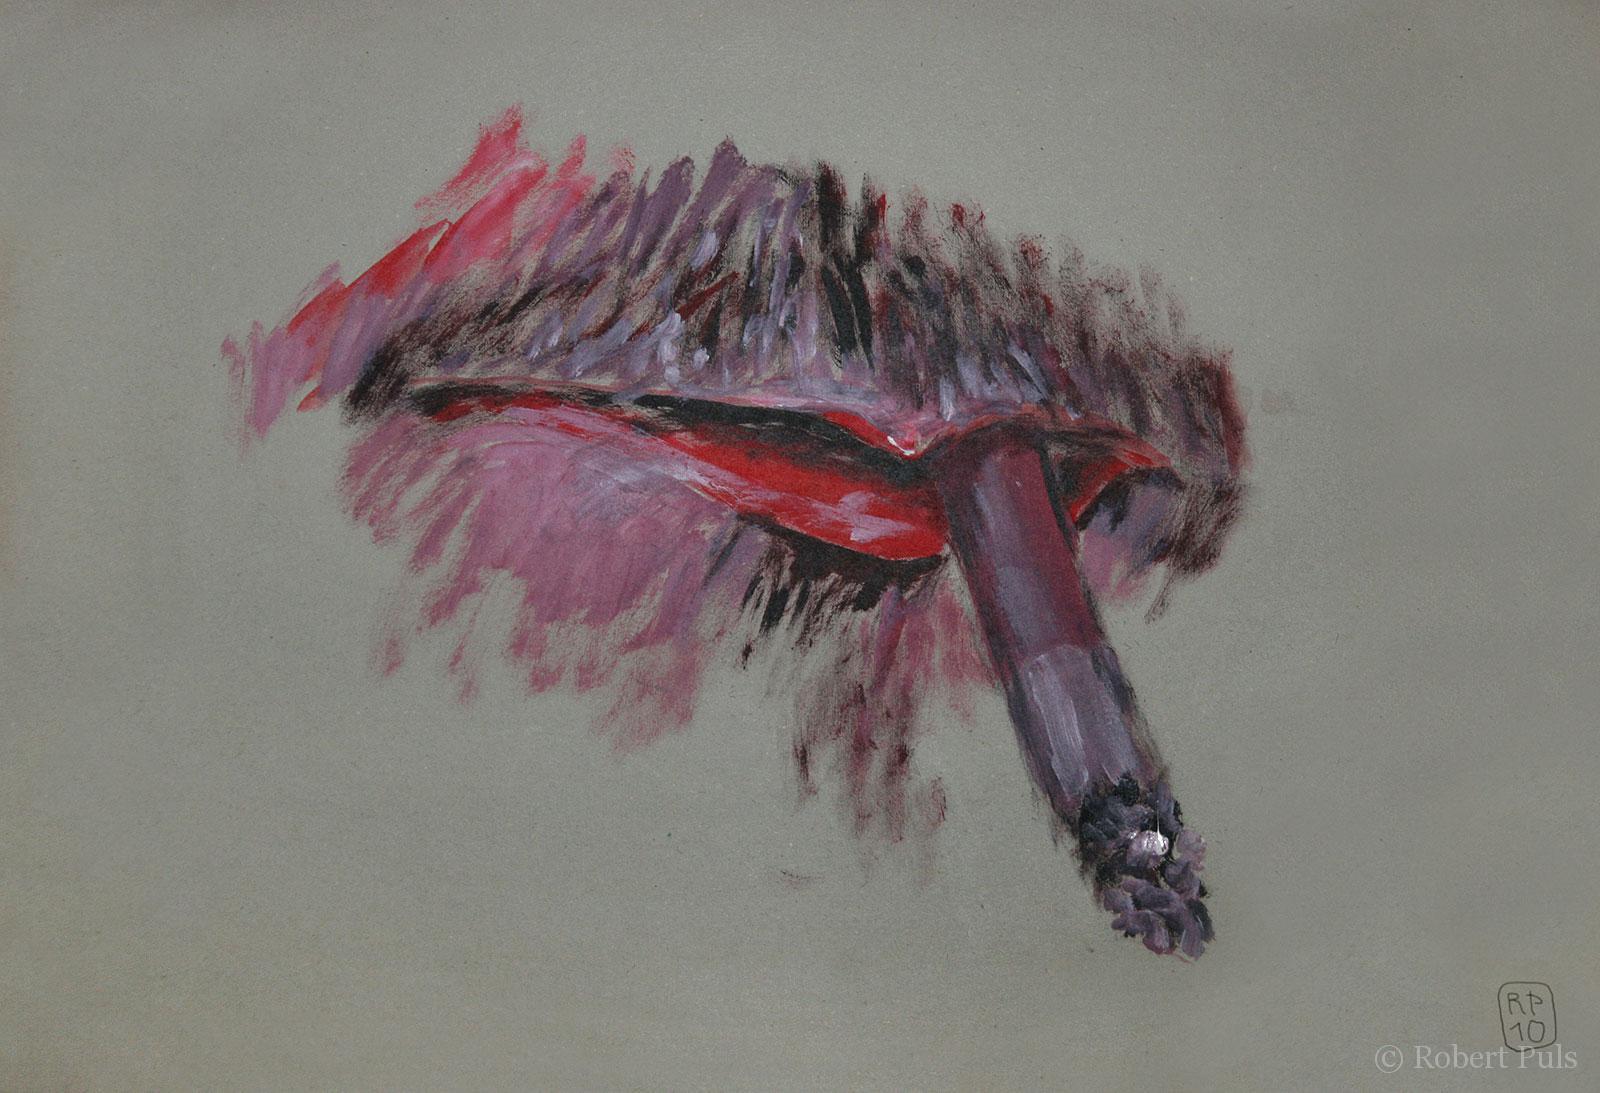 Zigarette im Mund gemalt Robert Puls